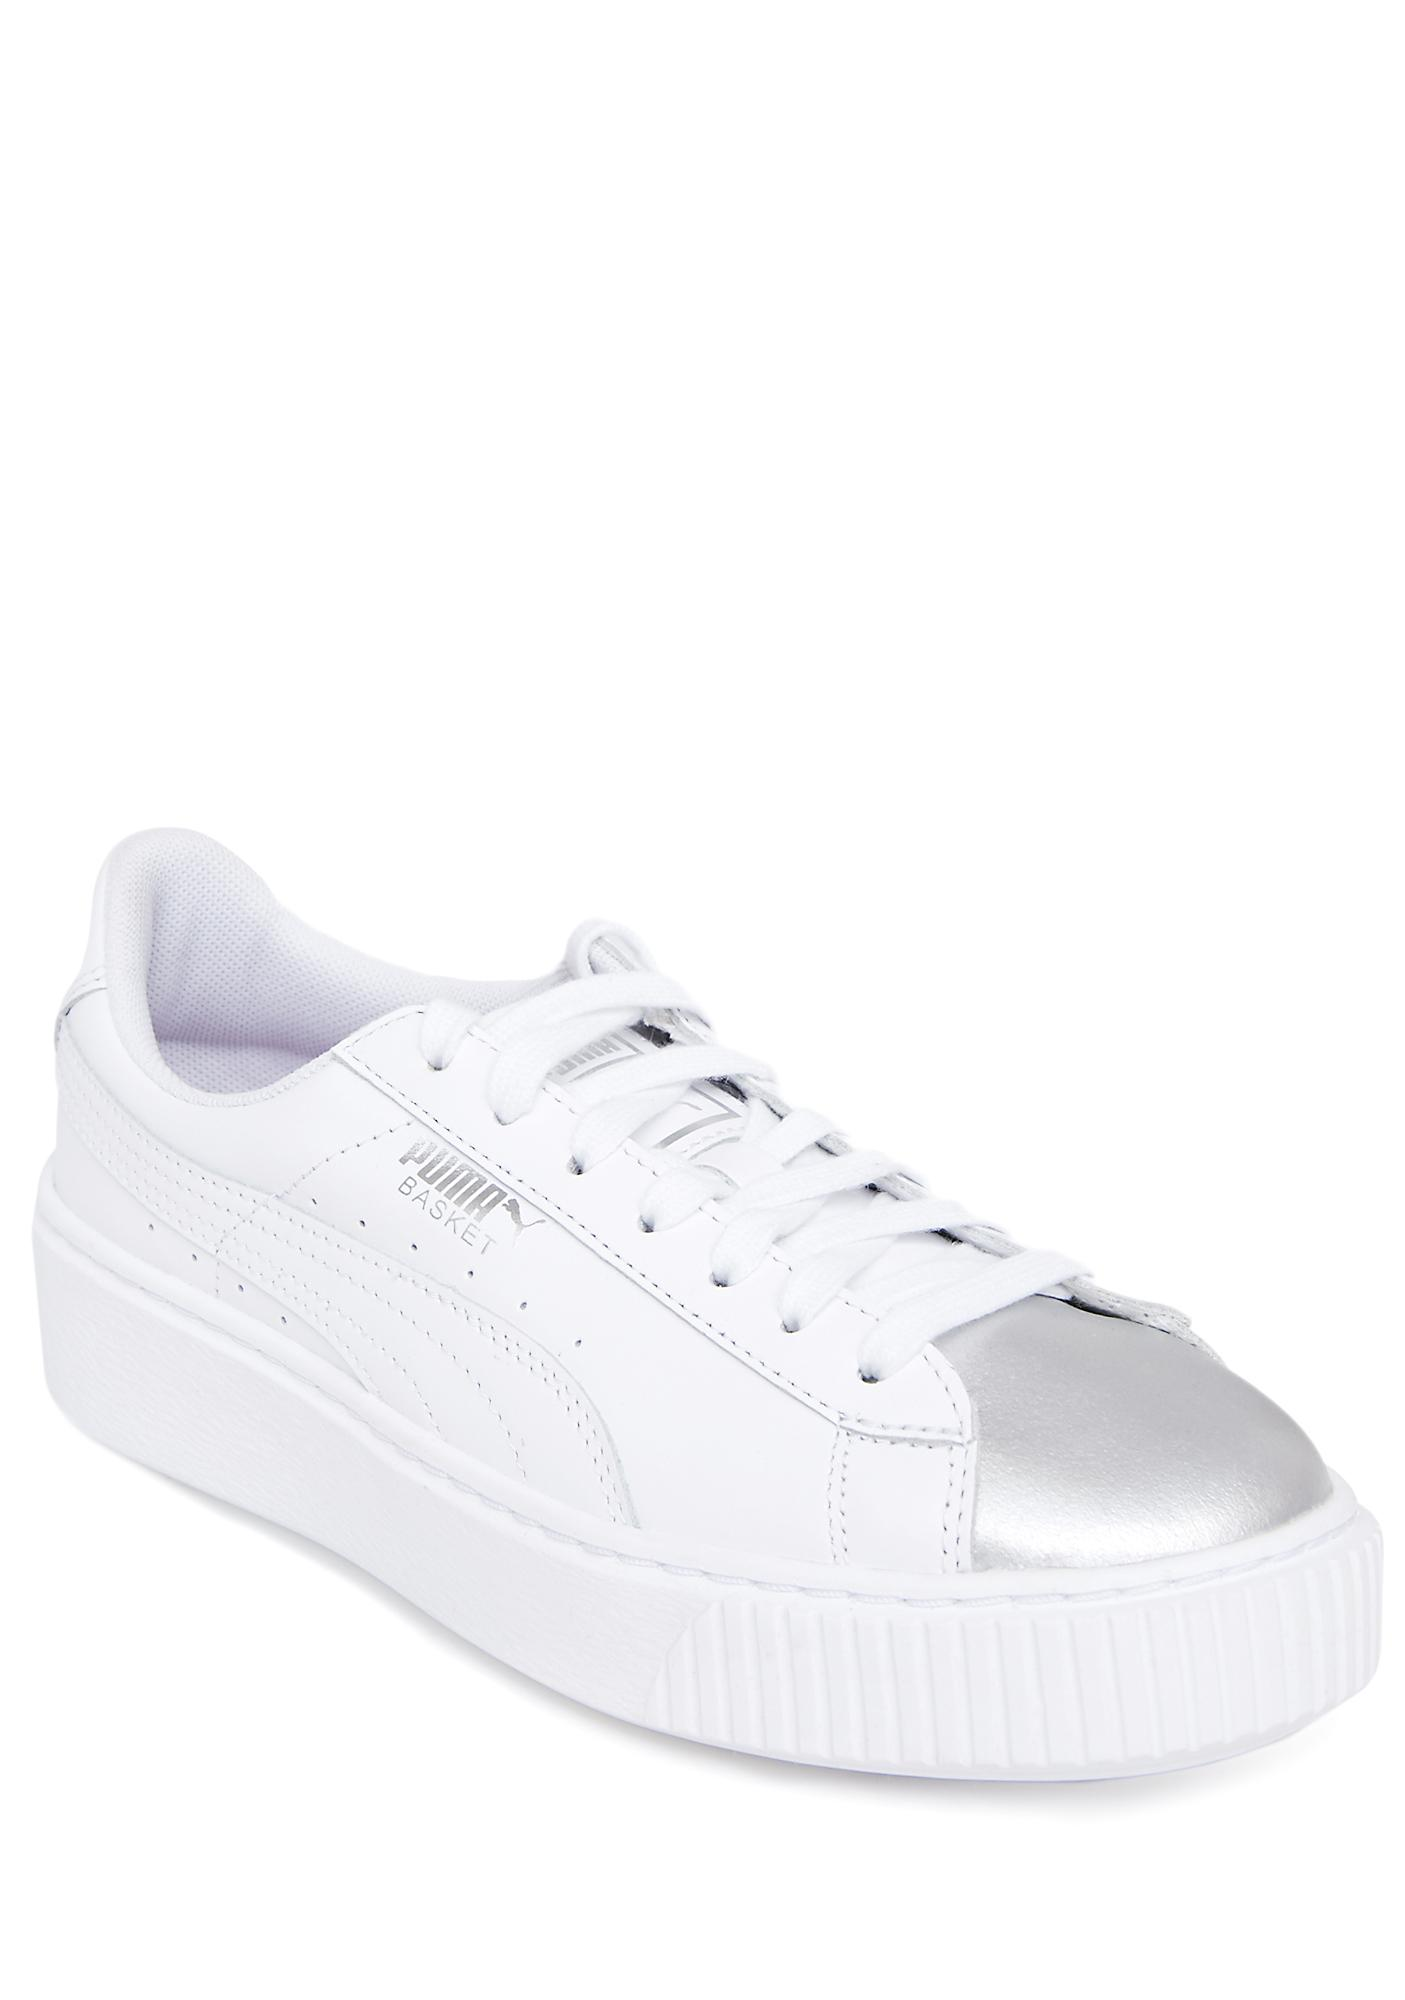 9a4a6e545879 PUMA Basket Platform Iridescent Sneakers · PUMA Basket Platform Iridescent  Sneakers ...